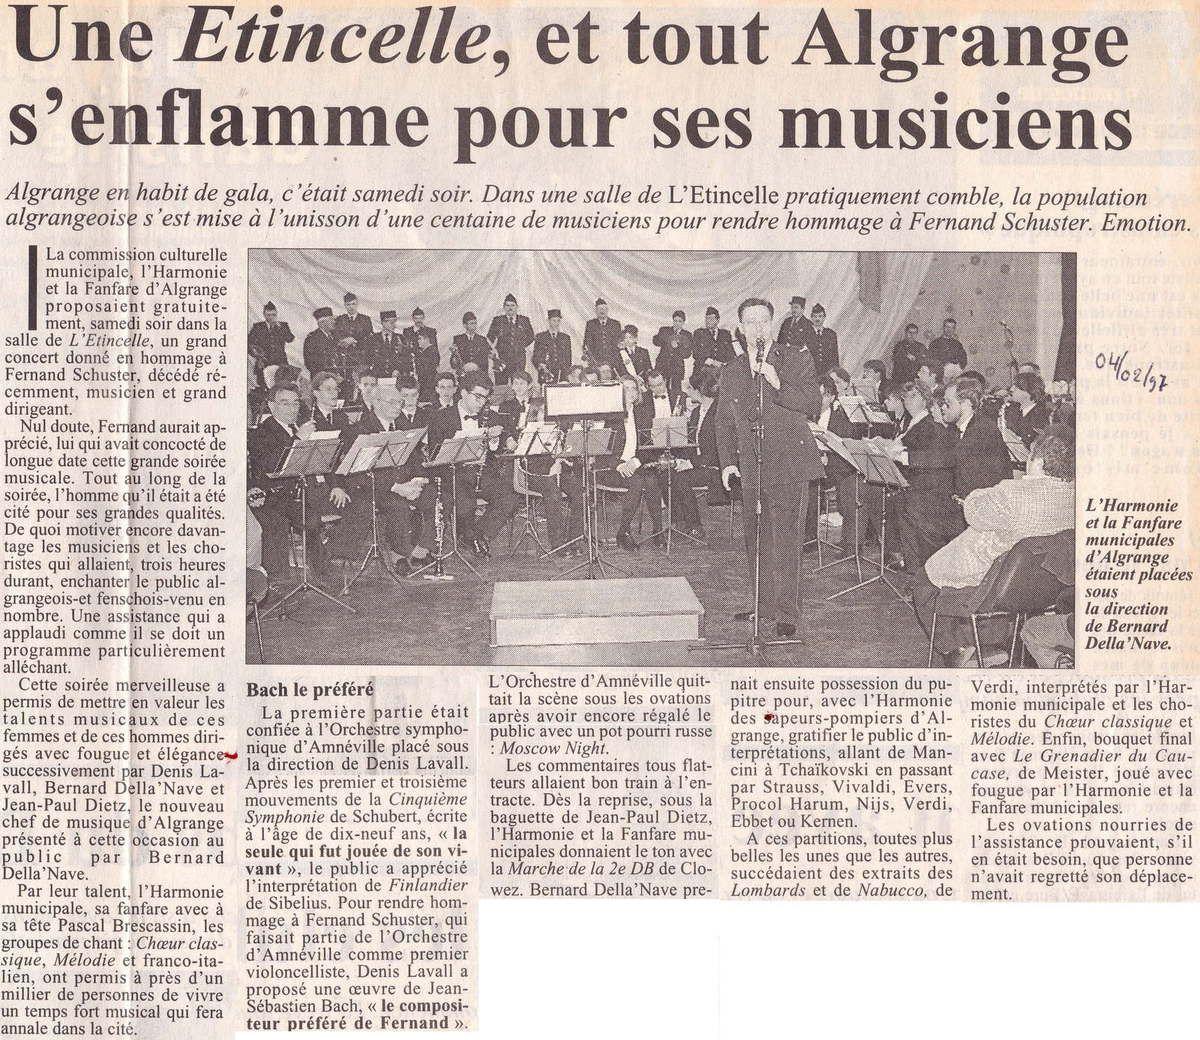 Les articles du RL du 4 février 1997